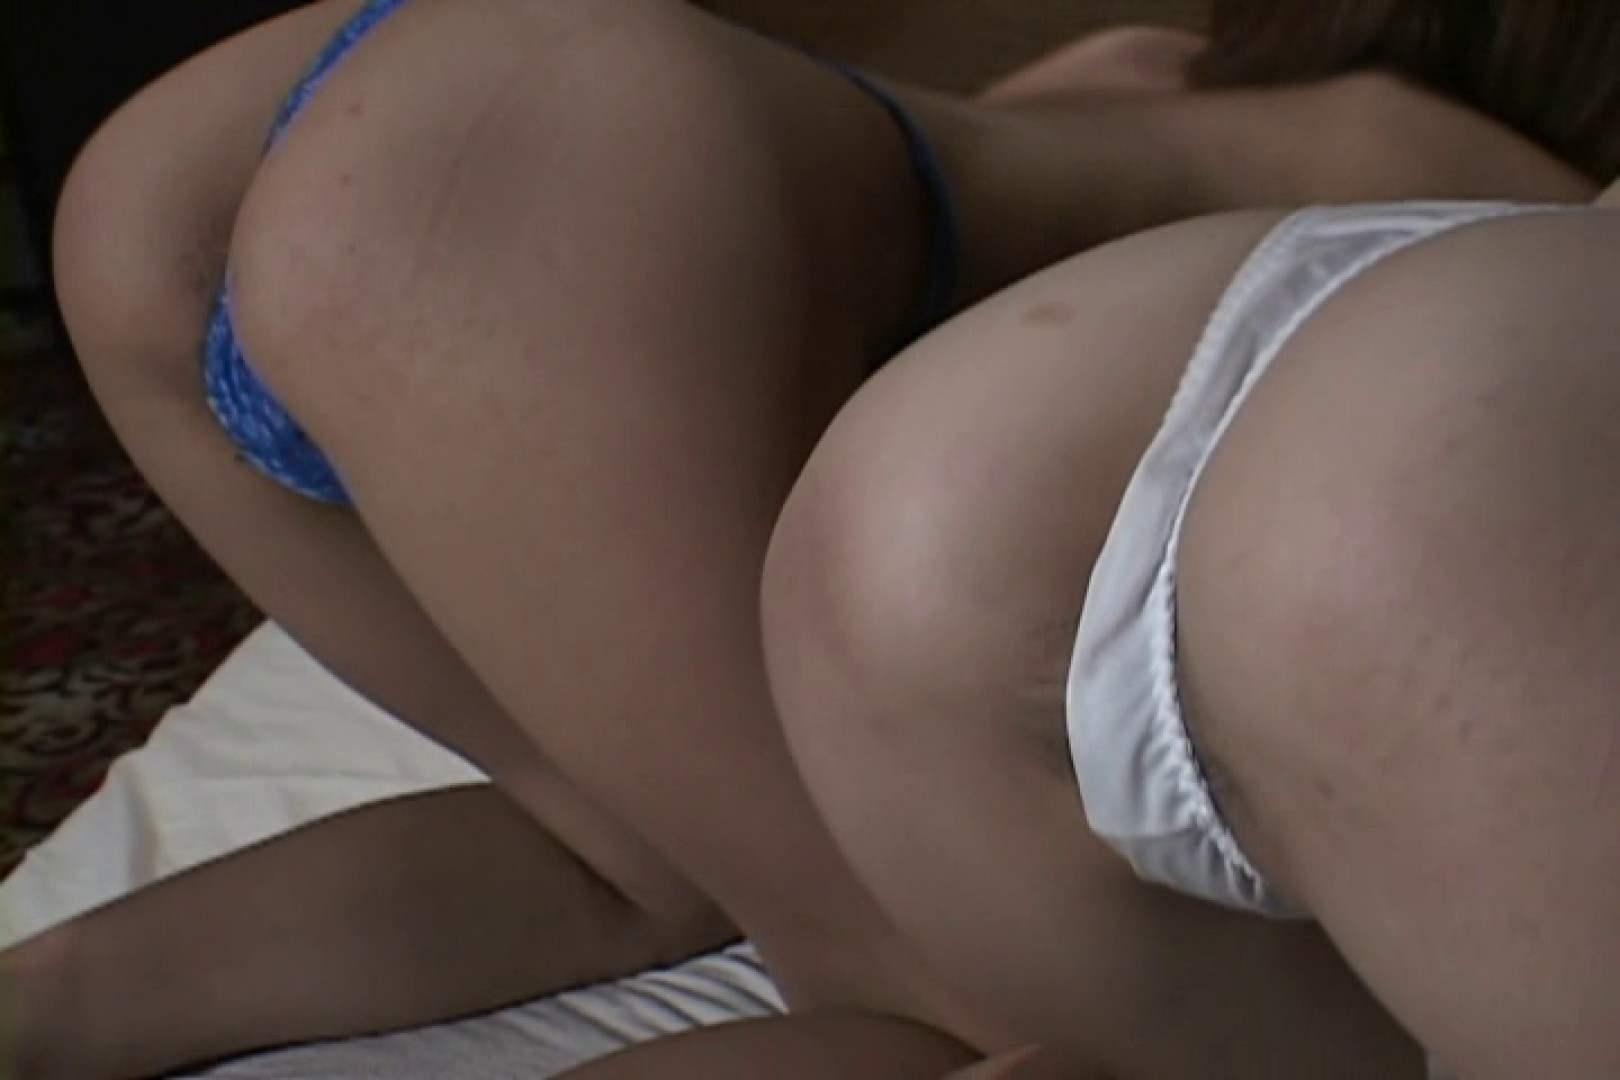 昼間の奥様は欲求不満 ~桜田&小山~ バイブプレイ 盗撮画像 104pic 31